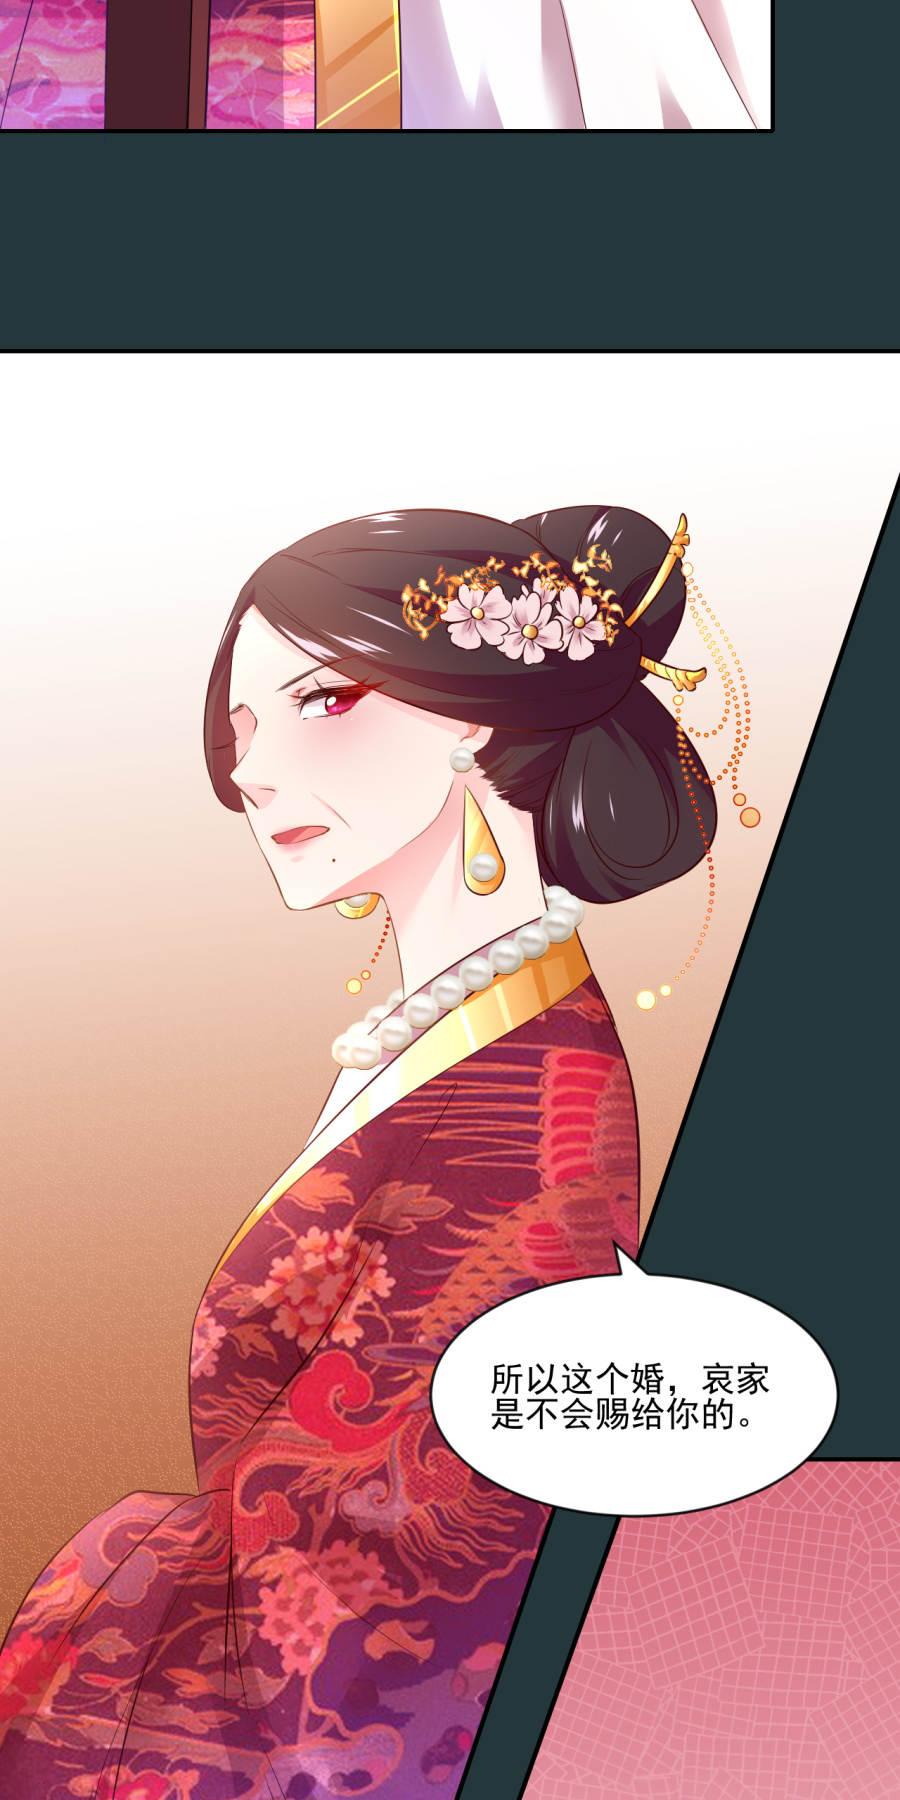 盛世帝王妃第84话  拒绝赐婚 第 20